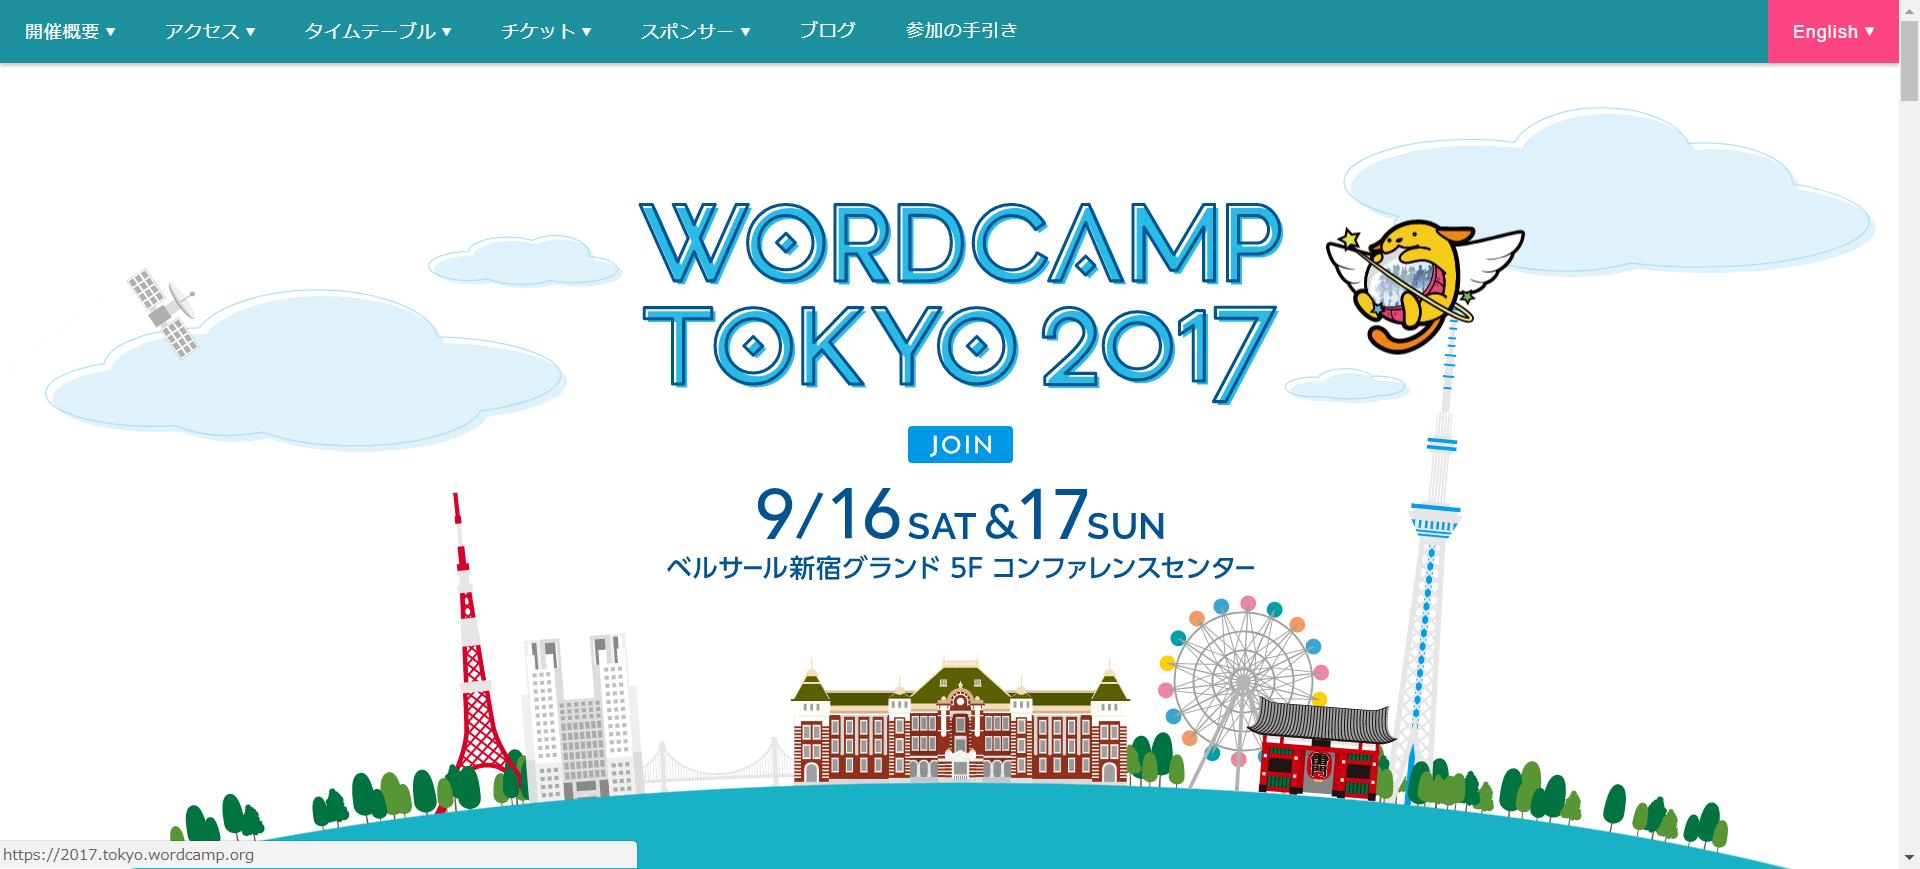 wordcamp-tokyo-2017